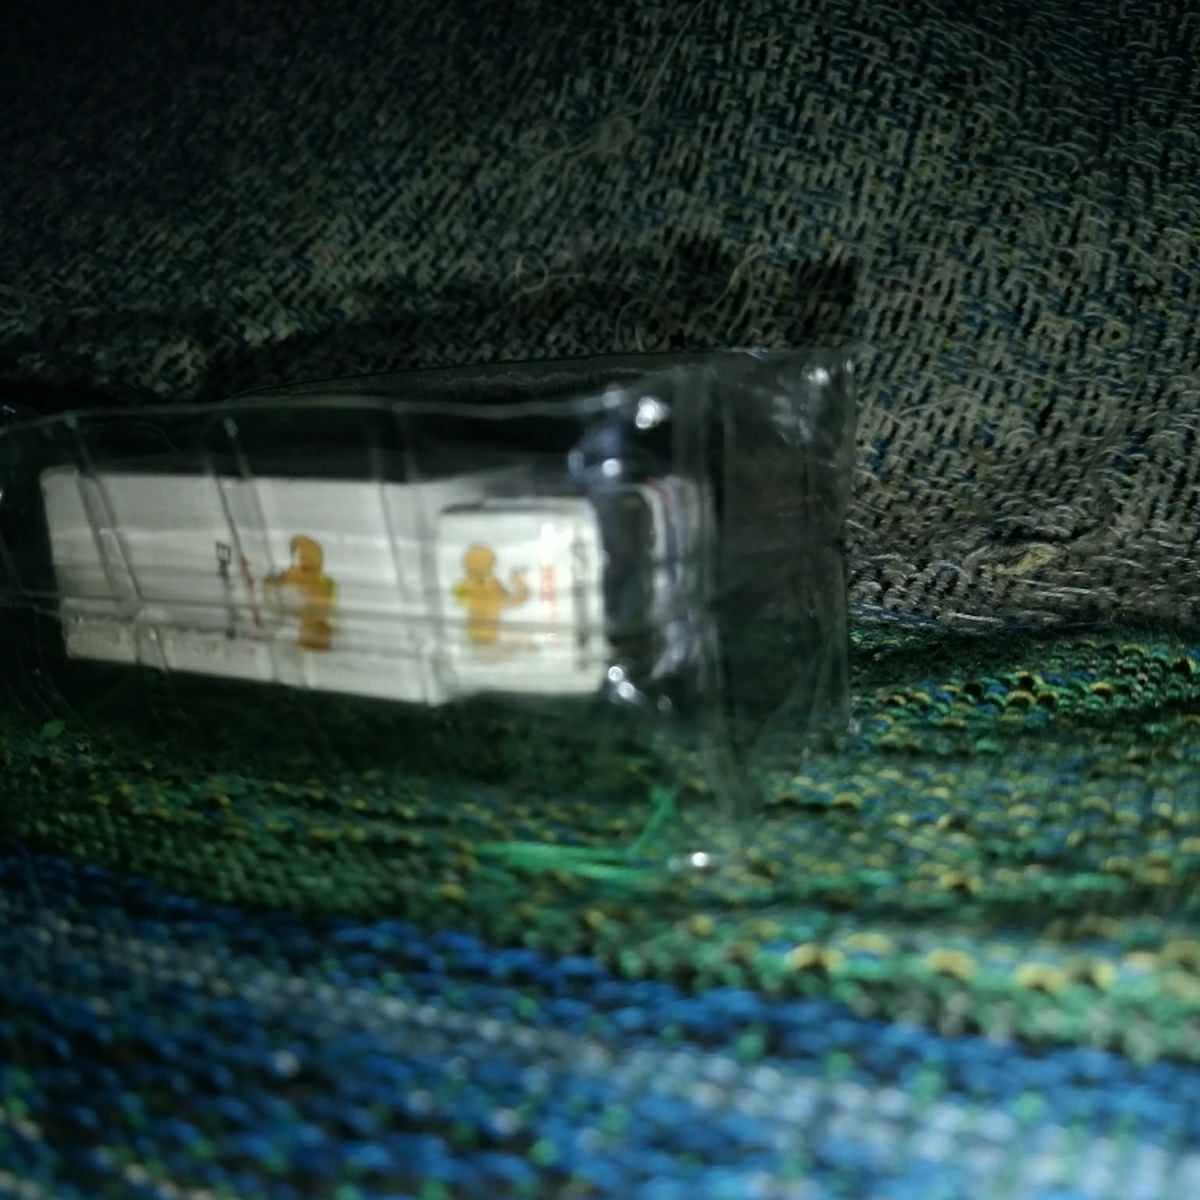 バンダイワーキングビーグル第3弾 引越中型トラック編 日野レンジャー 松本引越センター_画像5